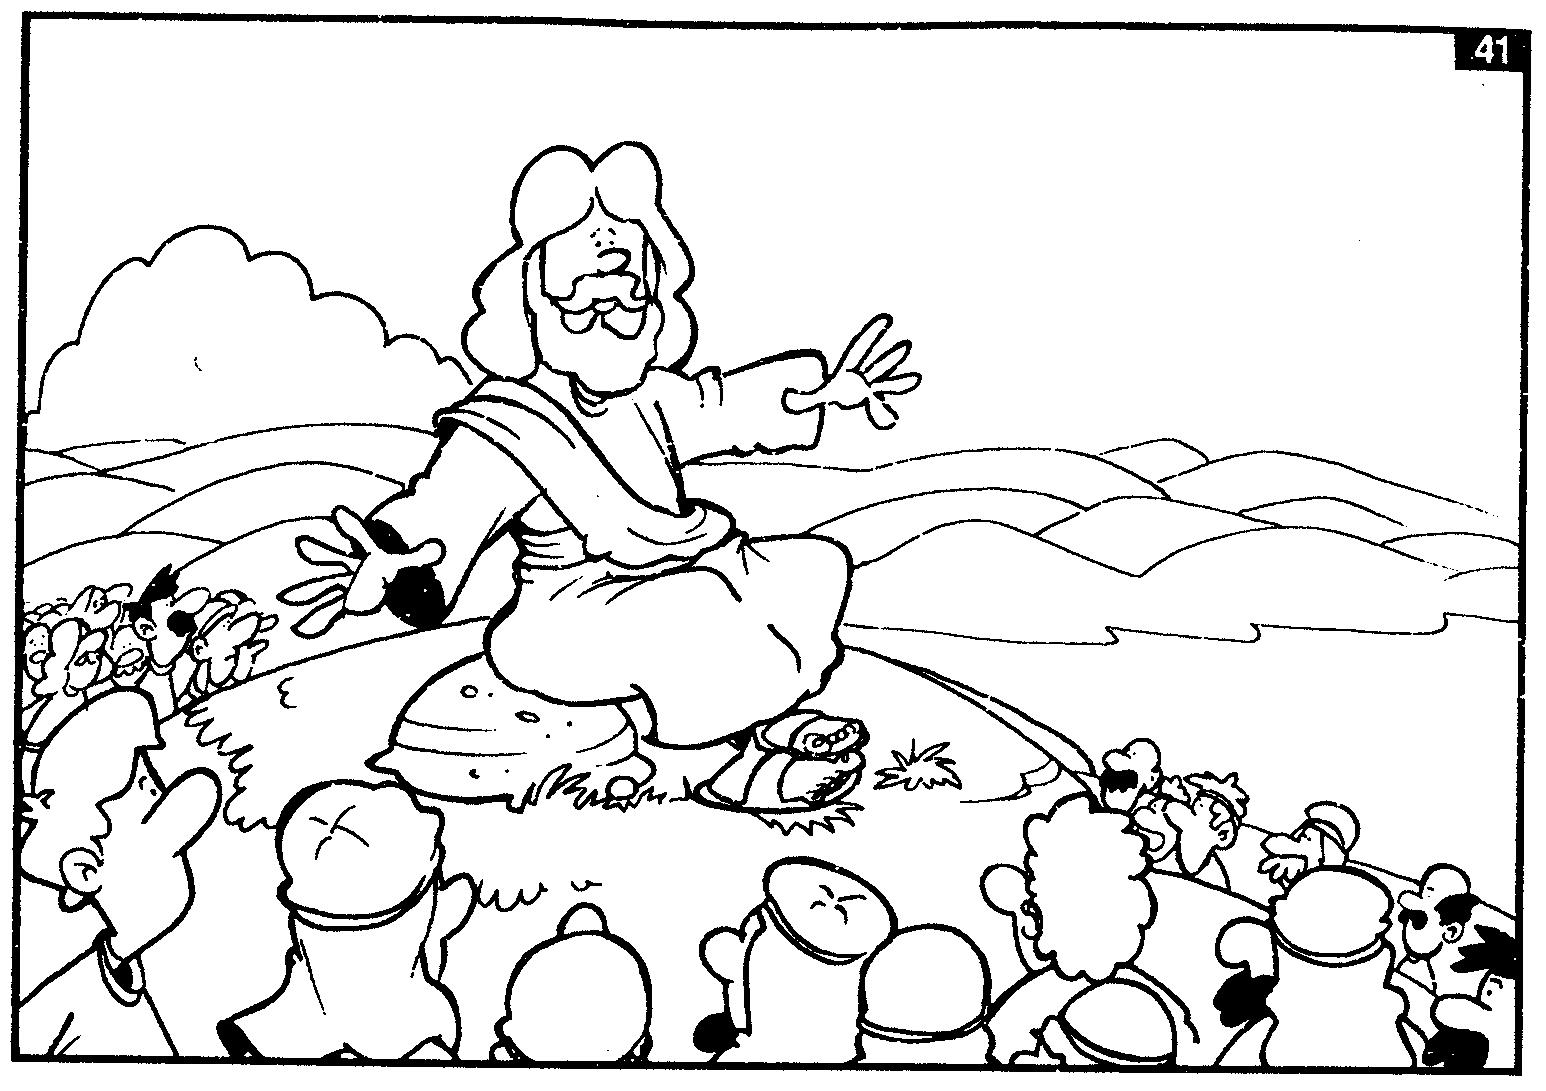 Jesus y los niños para colorear - Dibujos para colorear - IMAGIXS